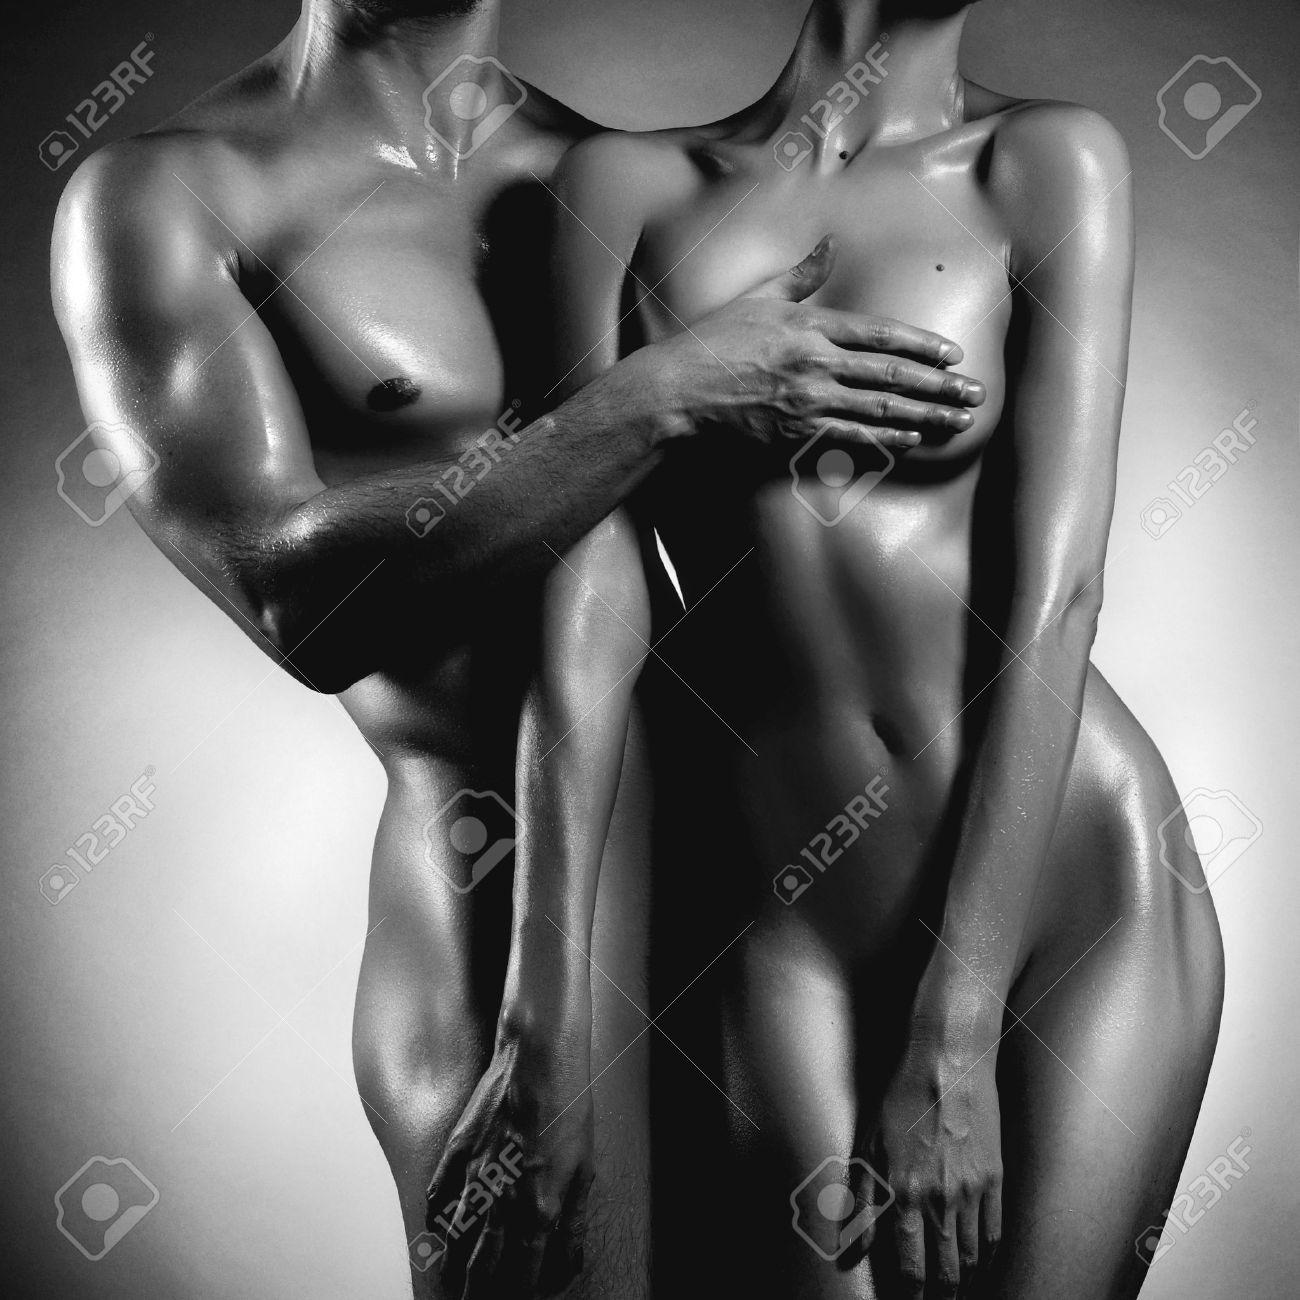 Секс пары ню фото 21 фотография